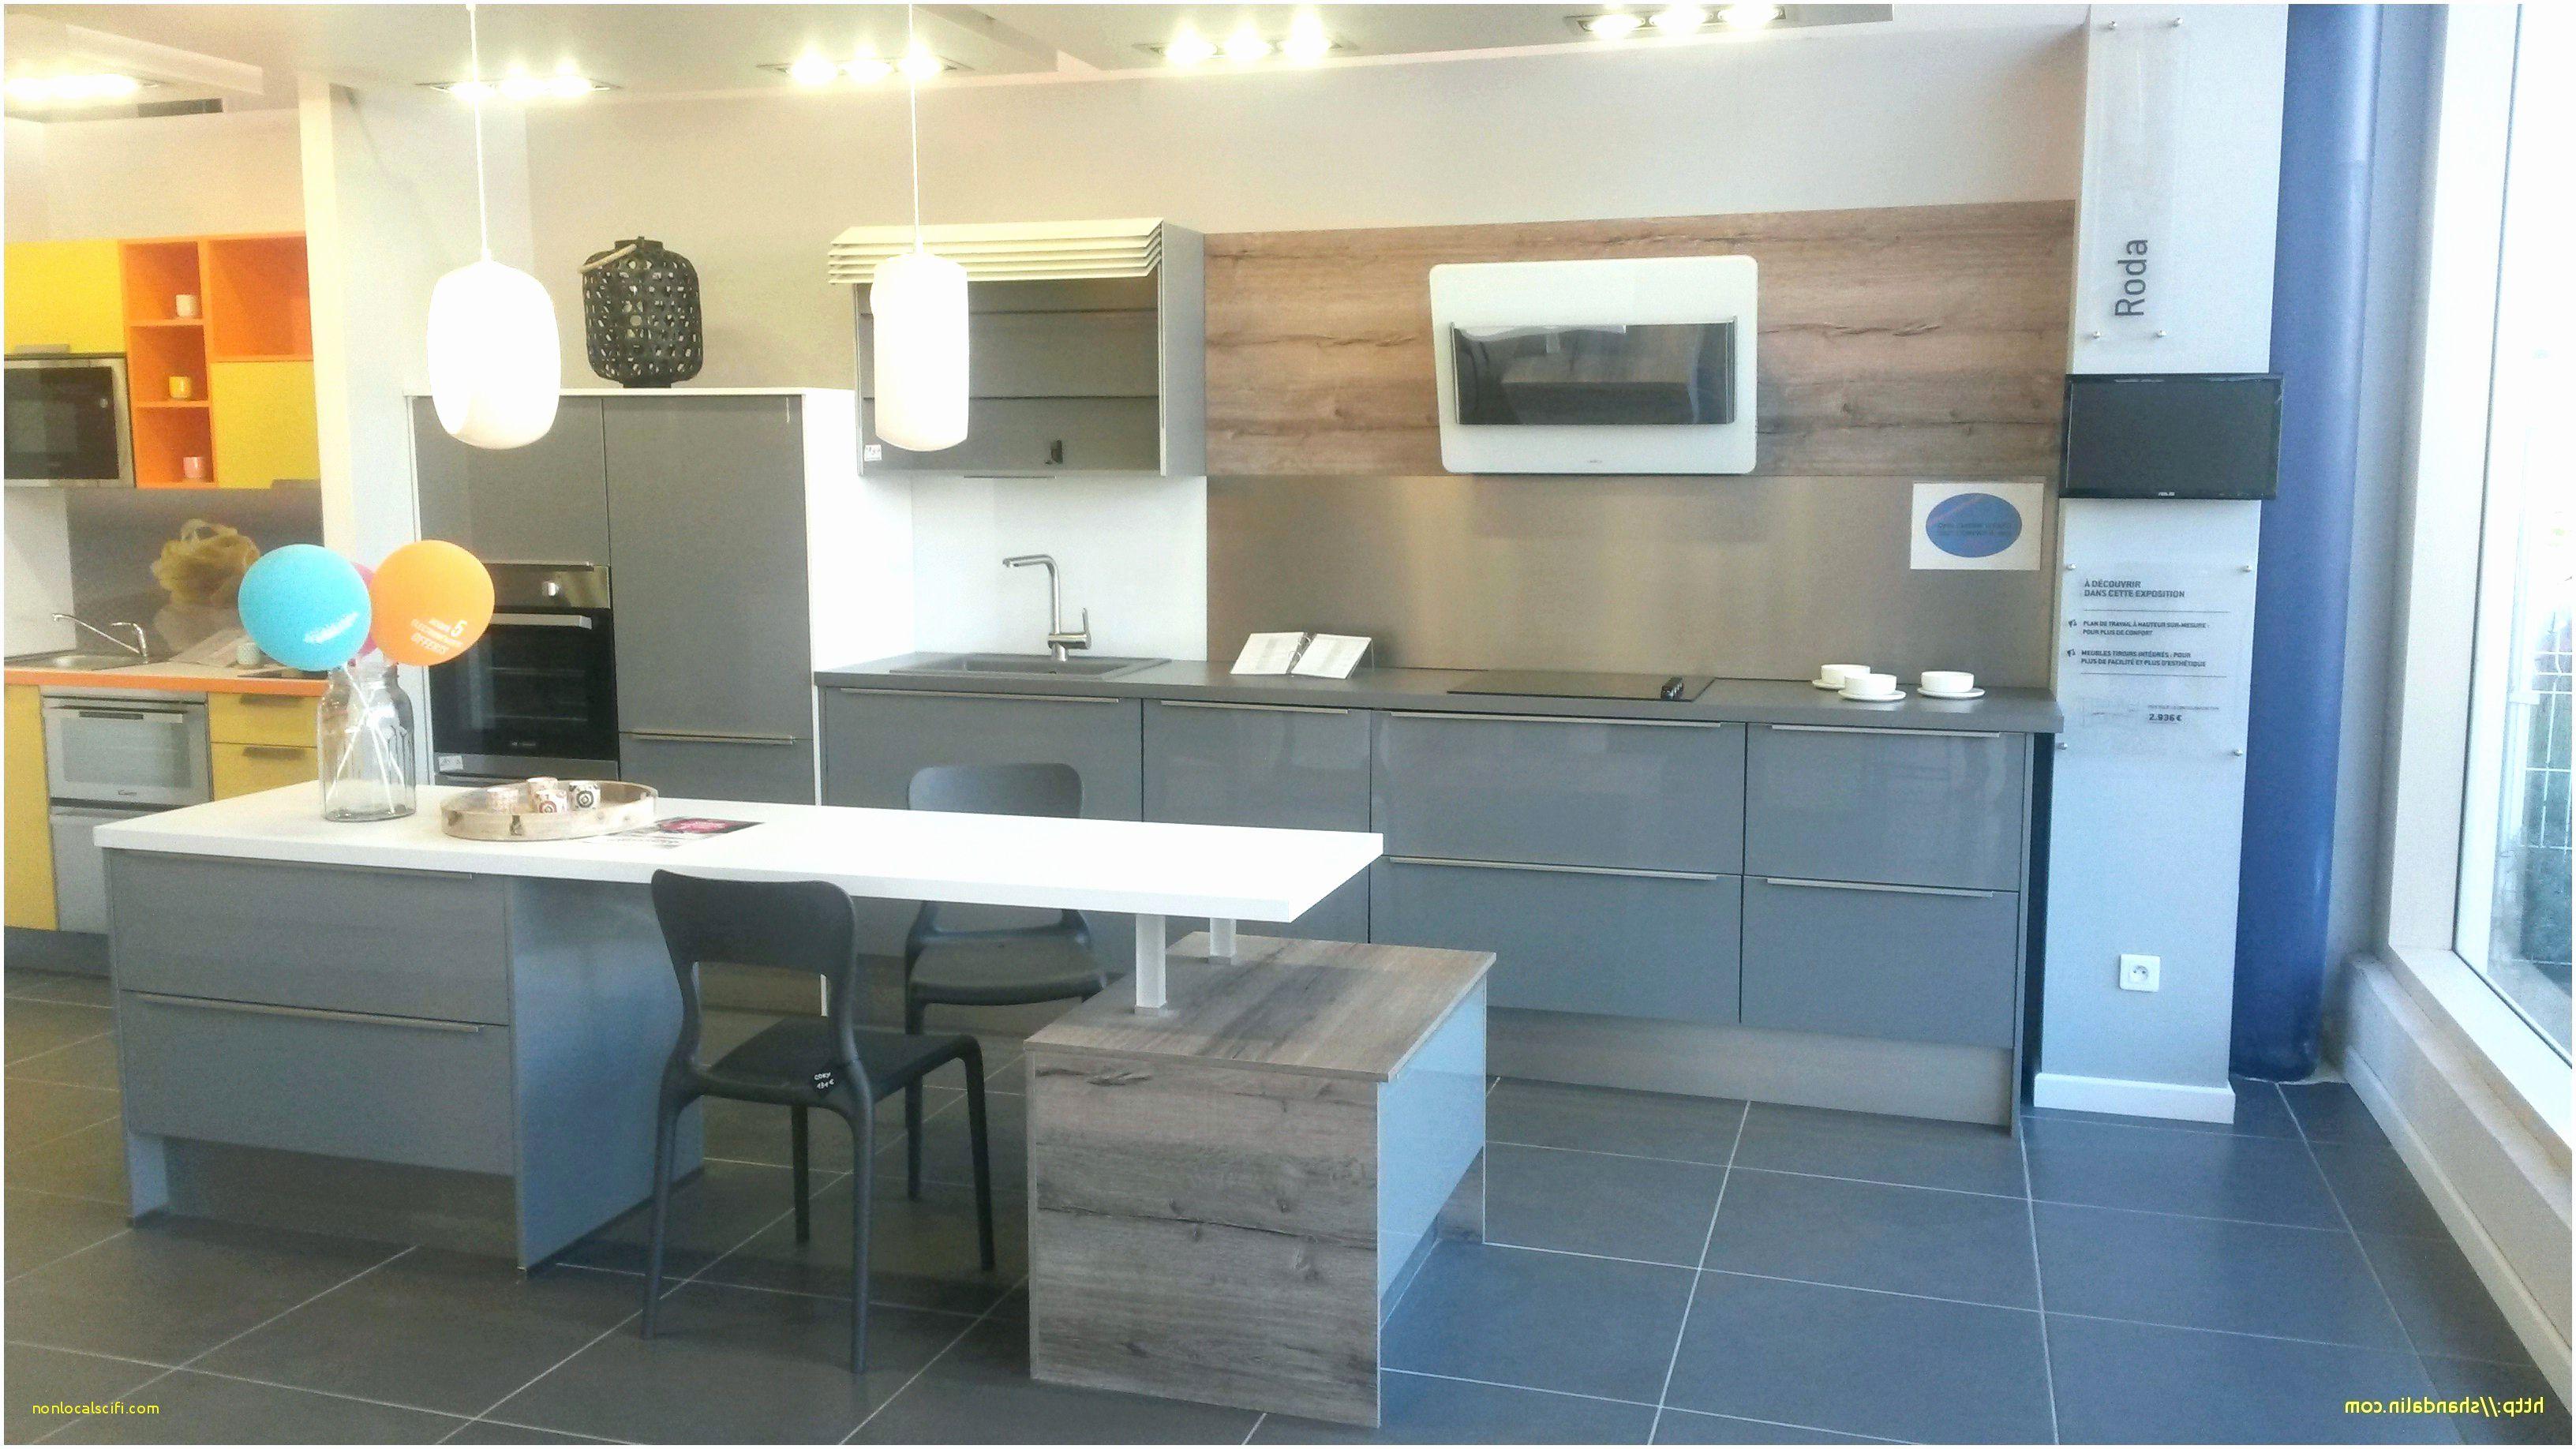 Comment Poser Une Baignoire Comment Poser Une Baignoire Ment Installer Une Baignoire Leroy Mer Small Kitchen Storage Ikea Kitchen Design Kitchen Tools Design